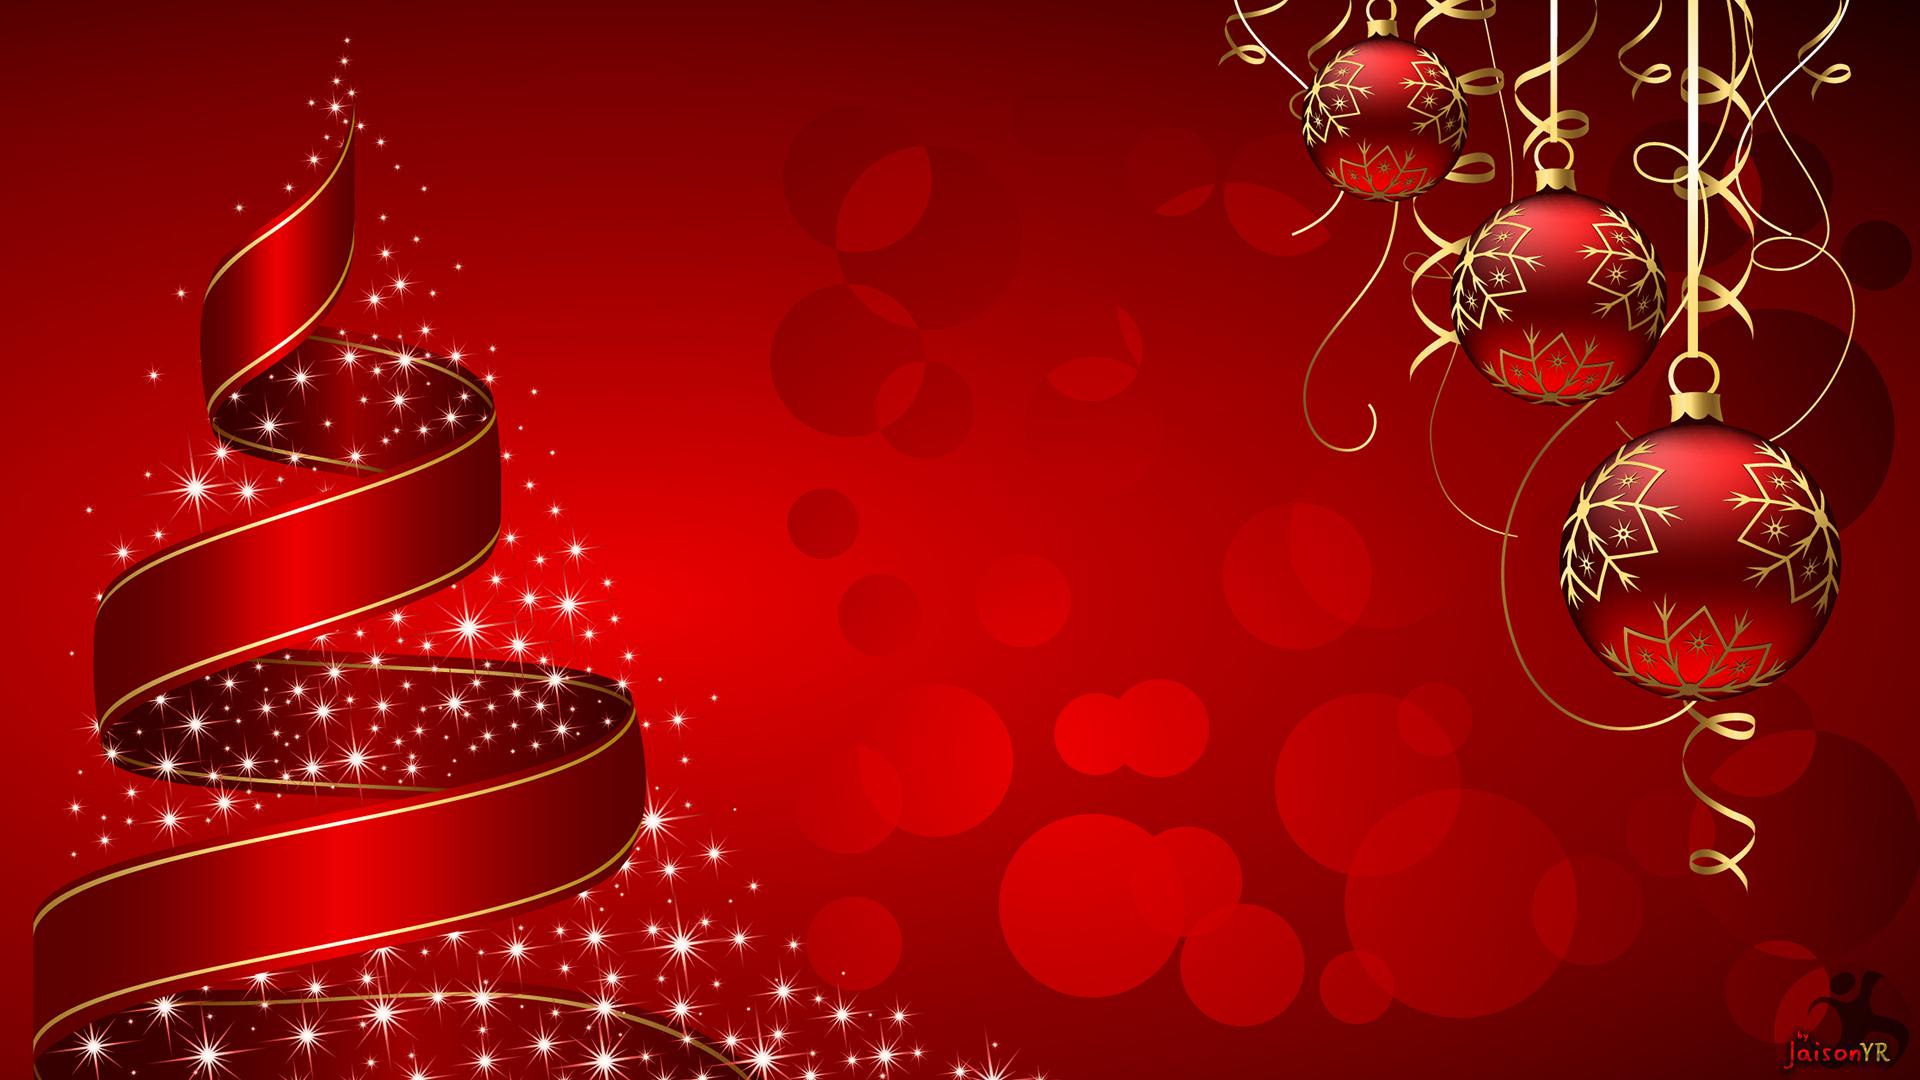 christmas background - Free Large Images